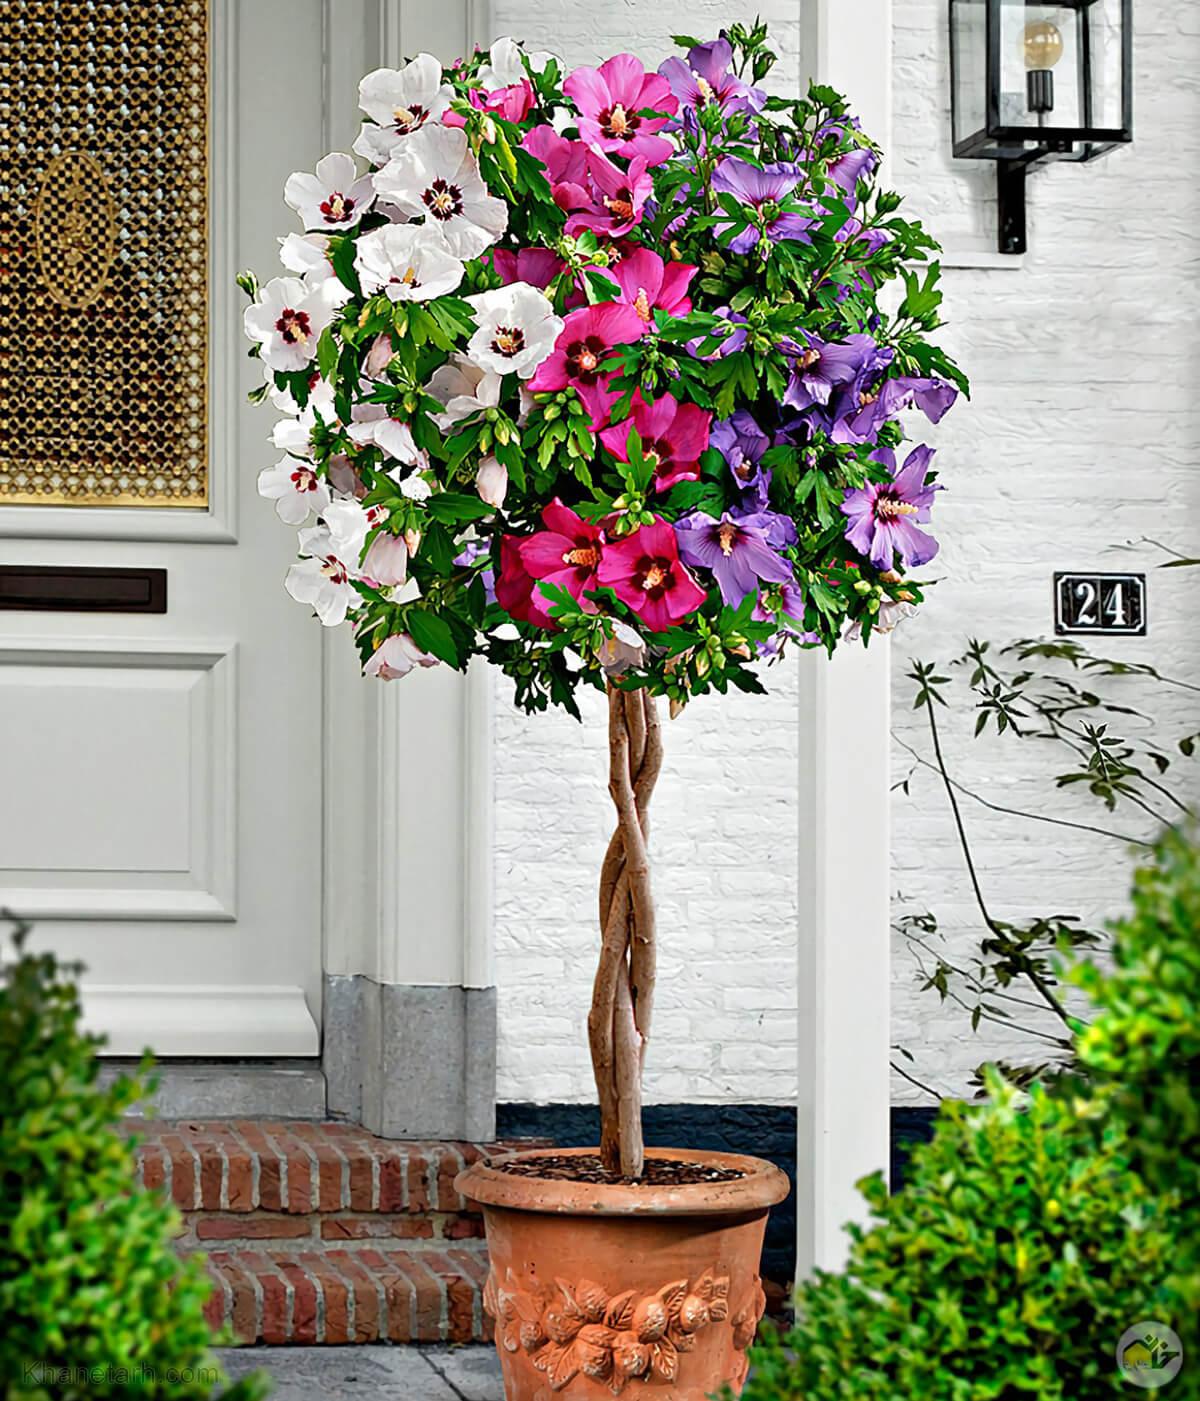 زیباترین گلهای آپارتمانی